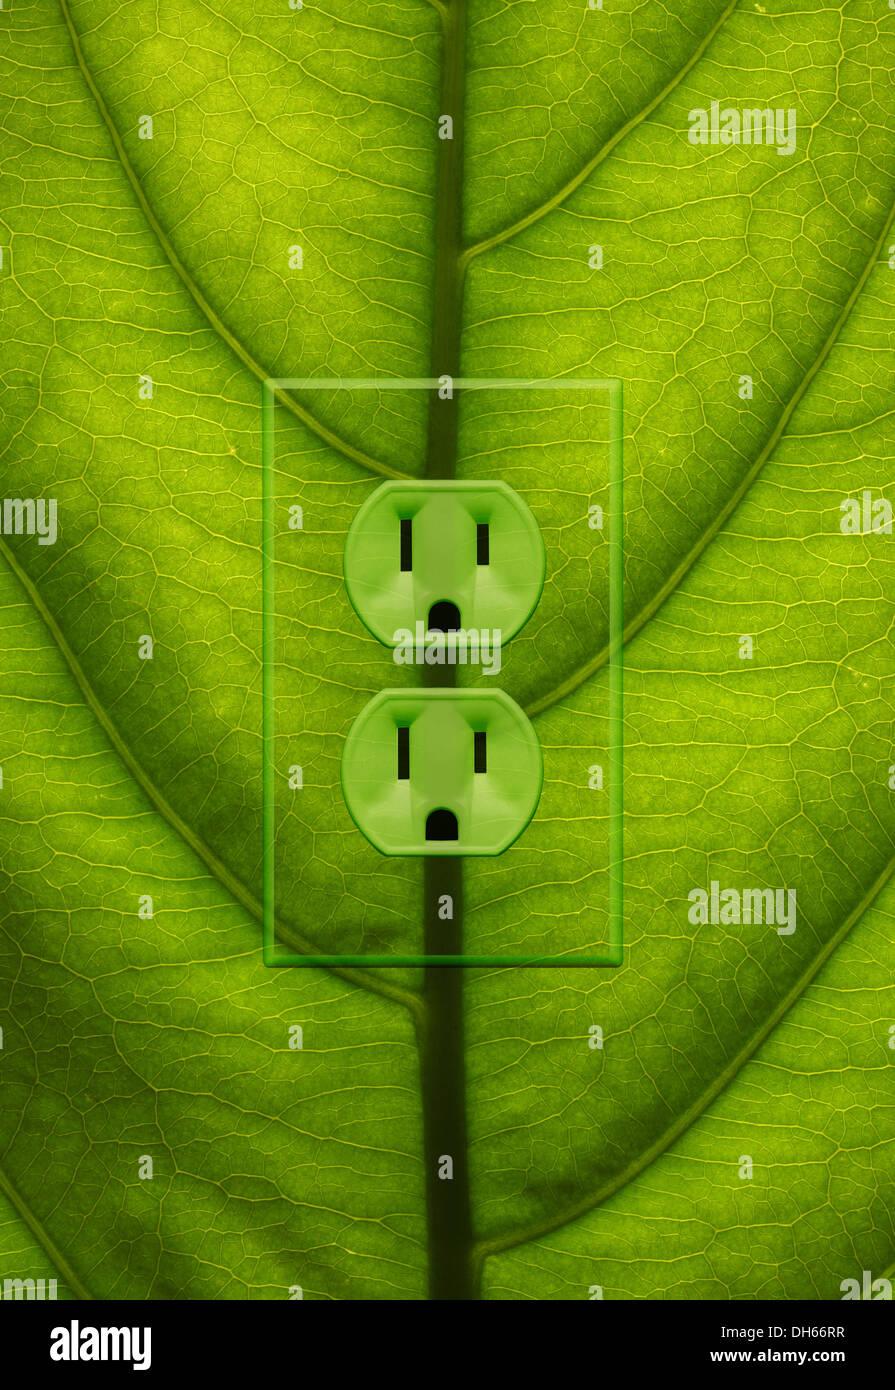 Cierre de una planta verde con hojas de color verde, tomas eléctricas añadido. Imagen De Stock